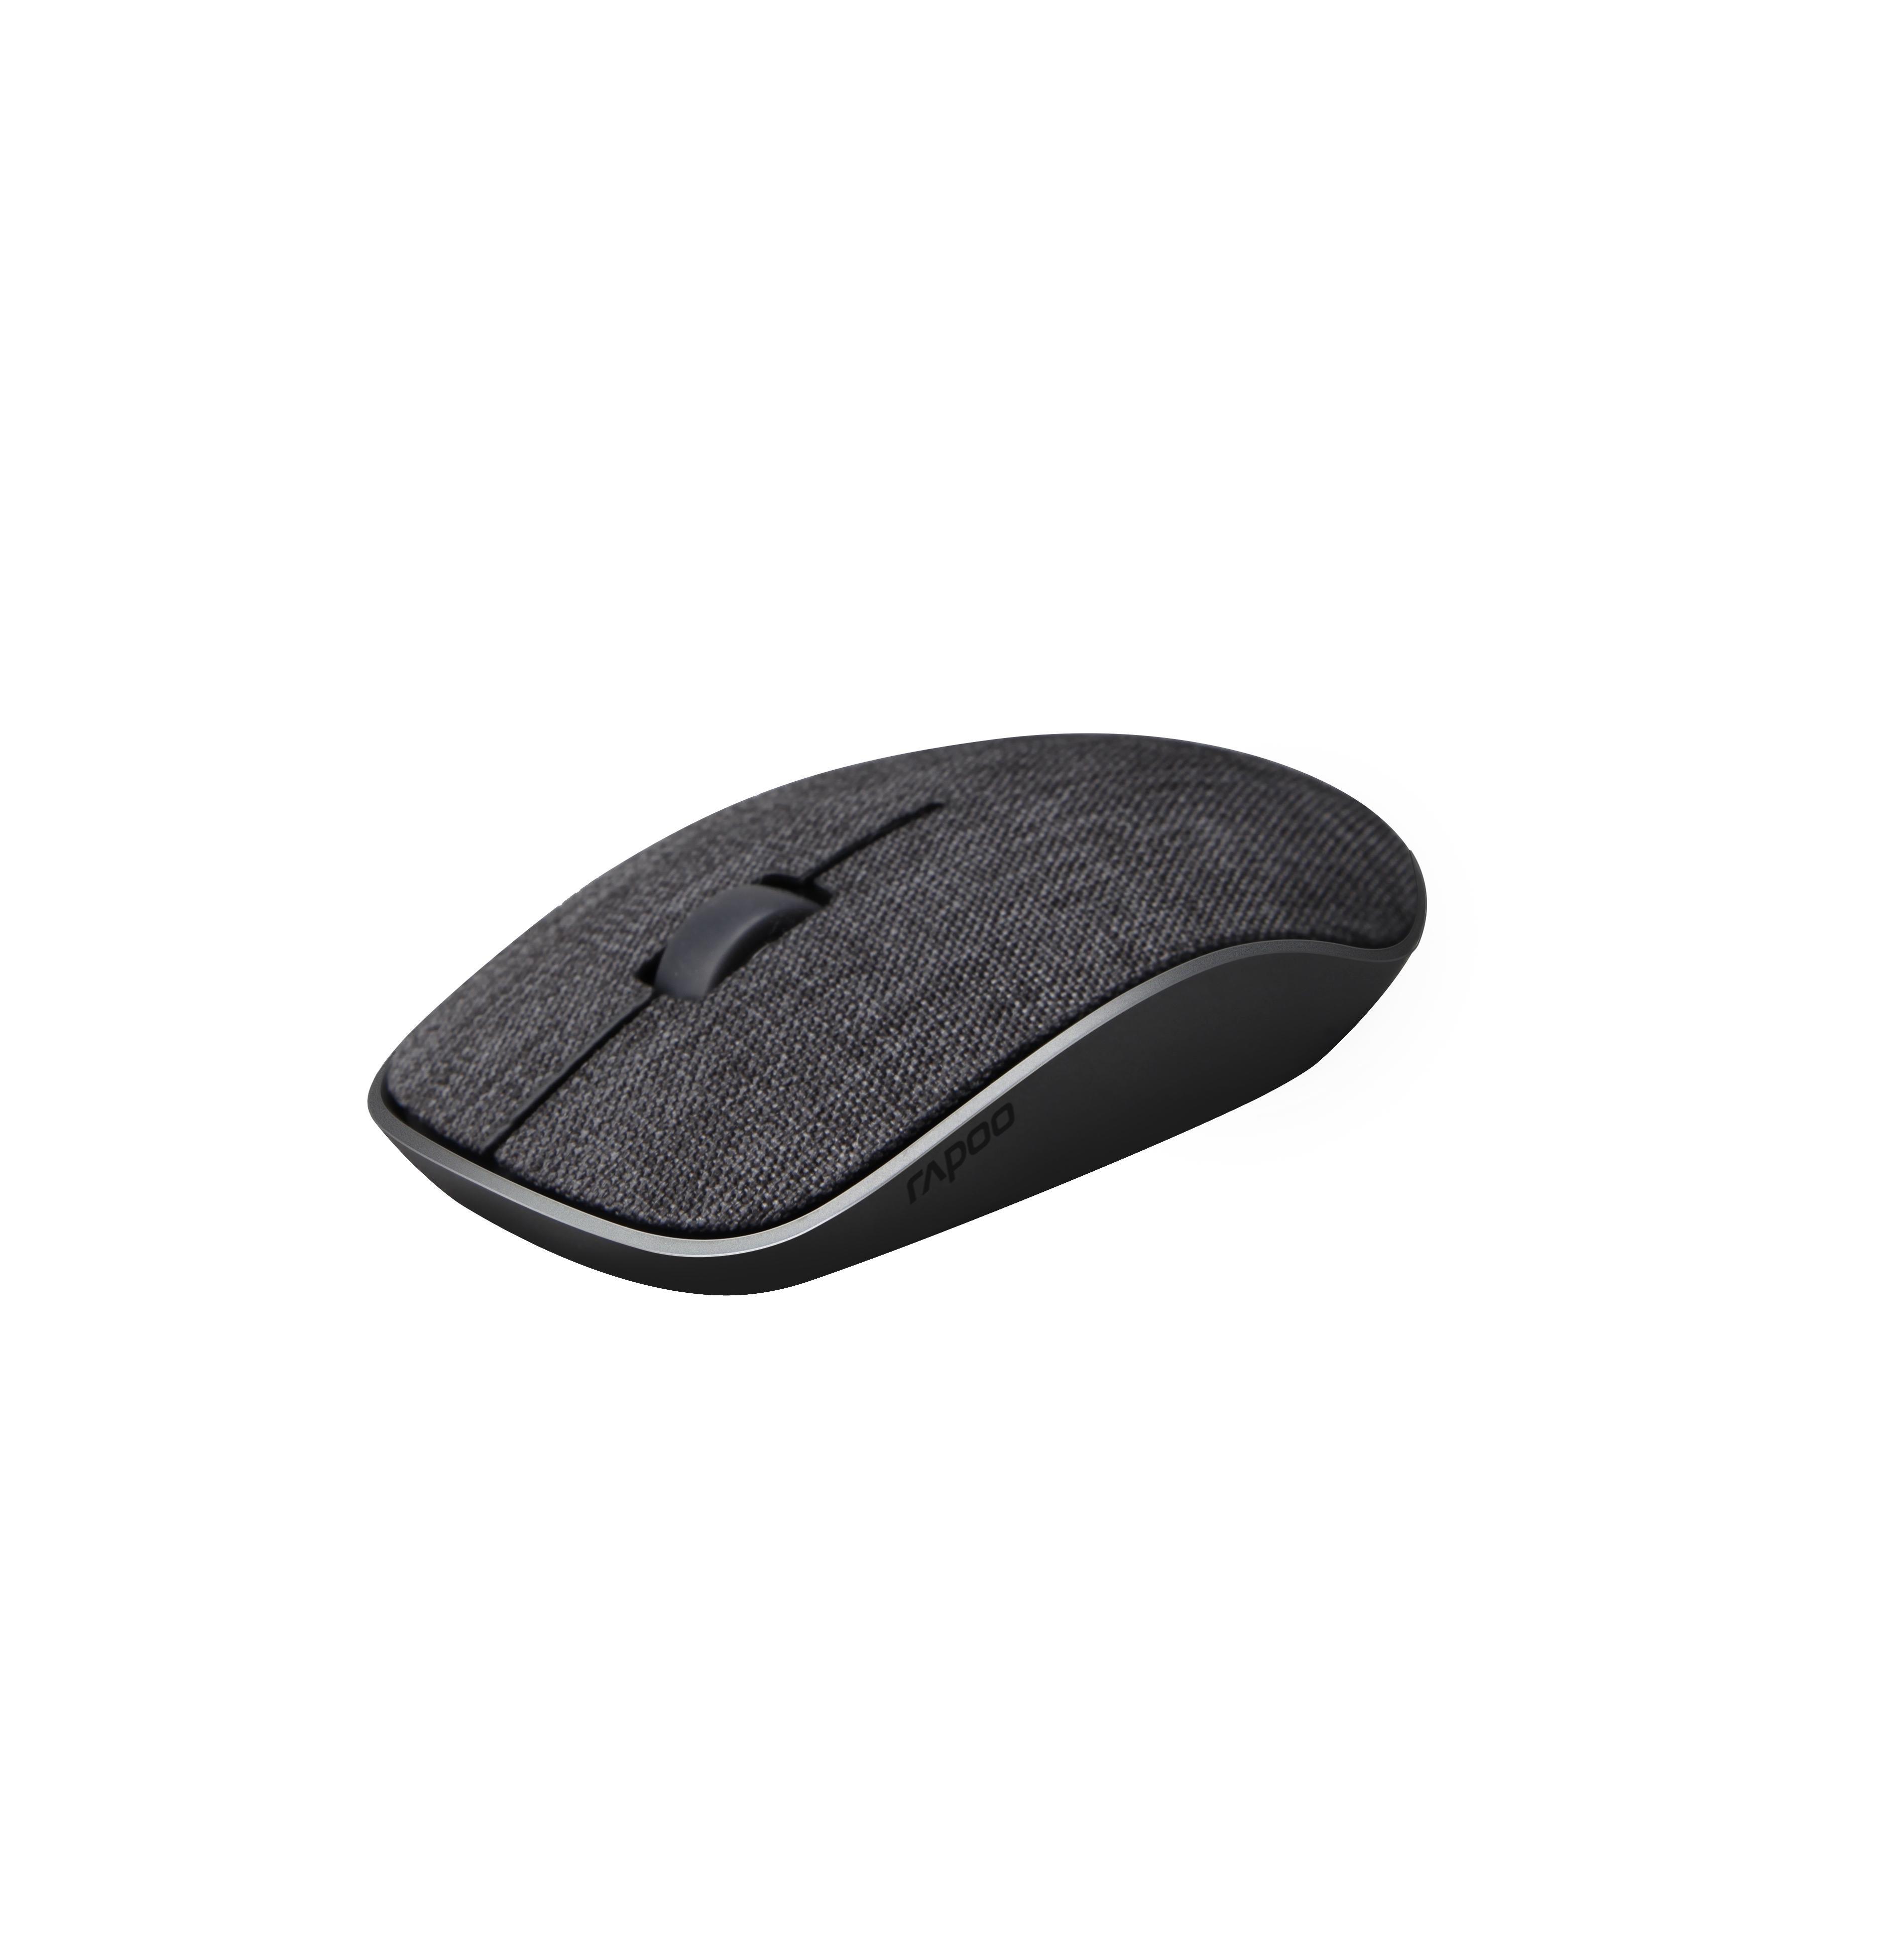 Безжична оптична мишка RAPOO 200 Plus multi-mode,черна, с покритие от плат-2